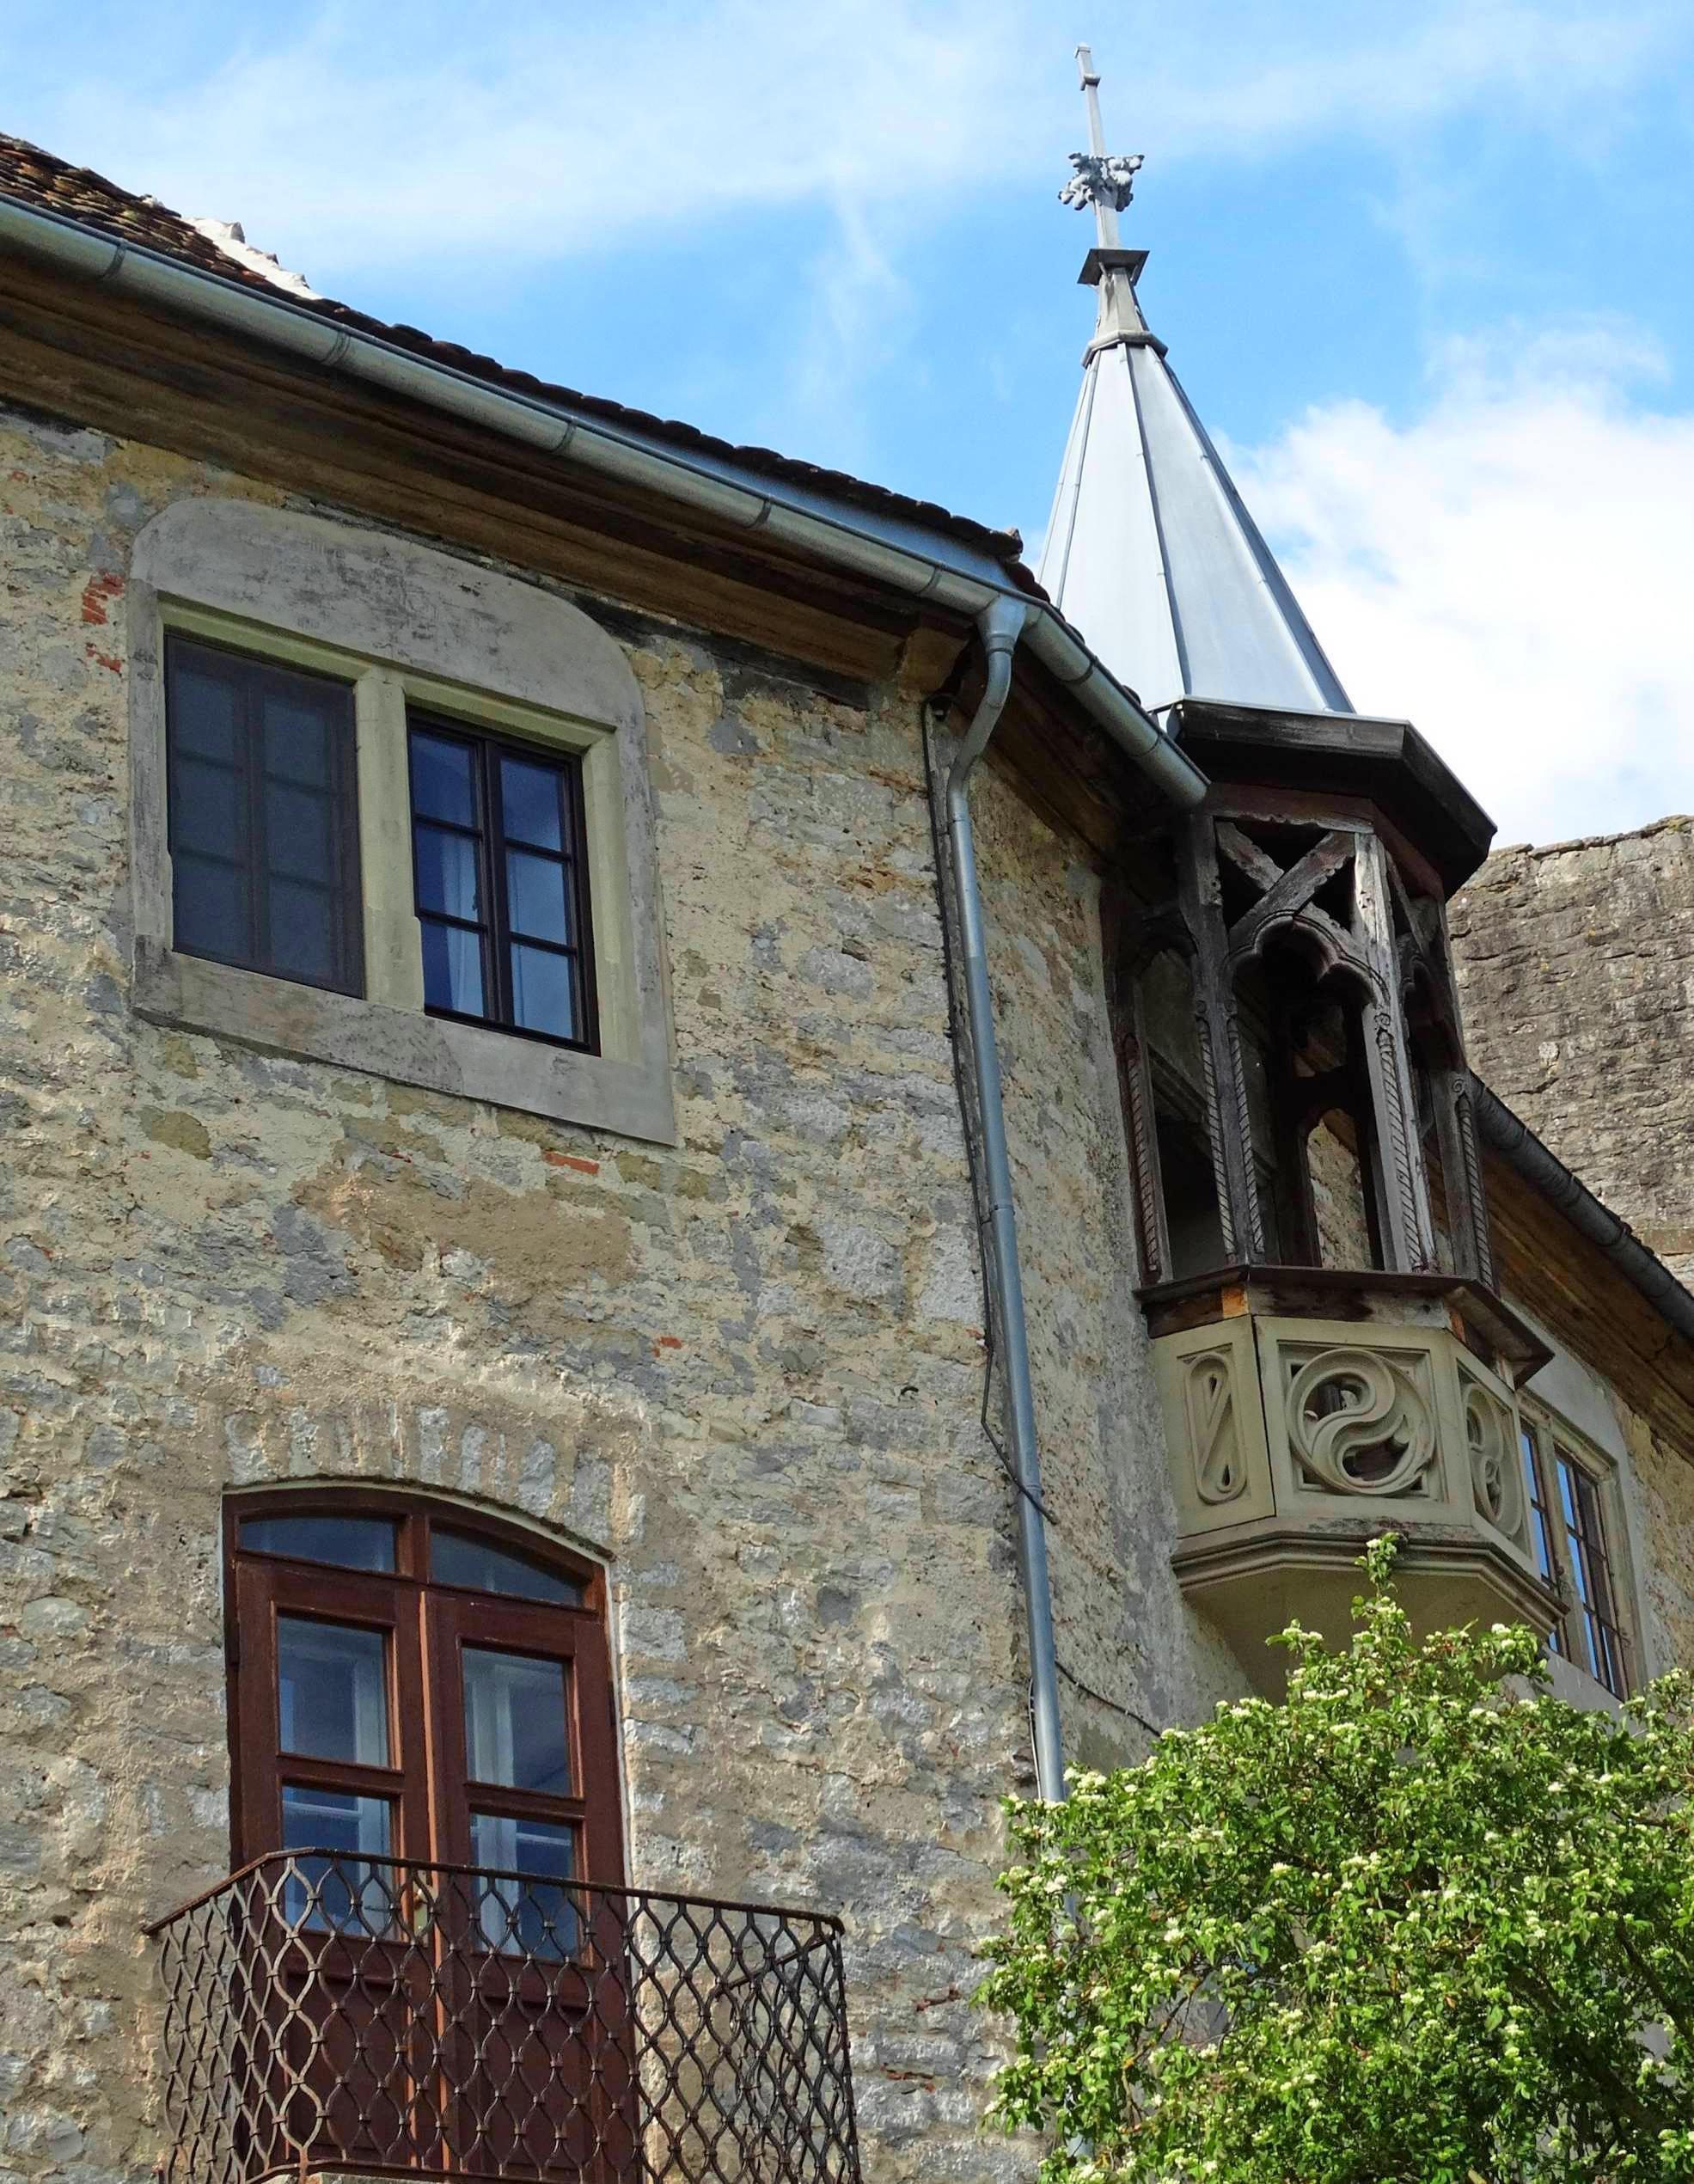 Burg Krautheim erlangte durch die Figur des Götz literarische Bekanntheit.